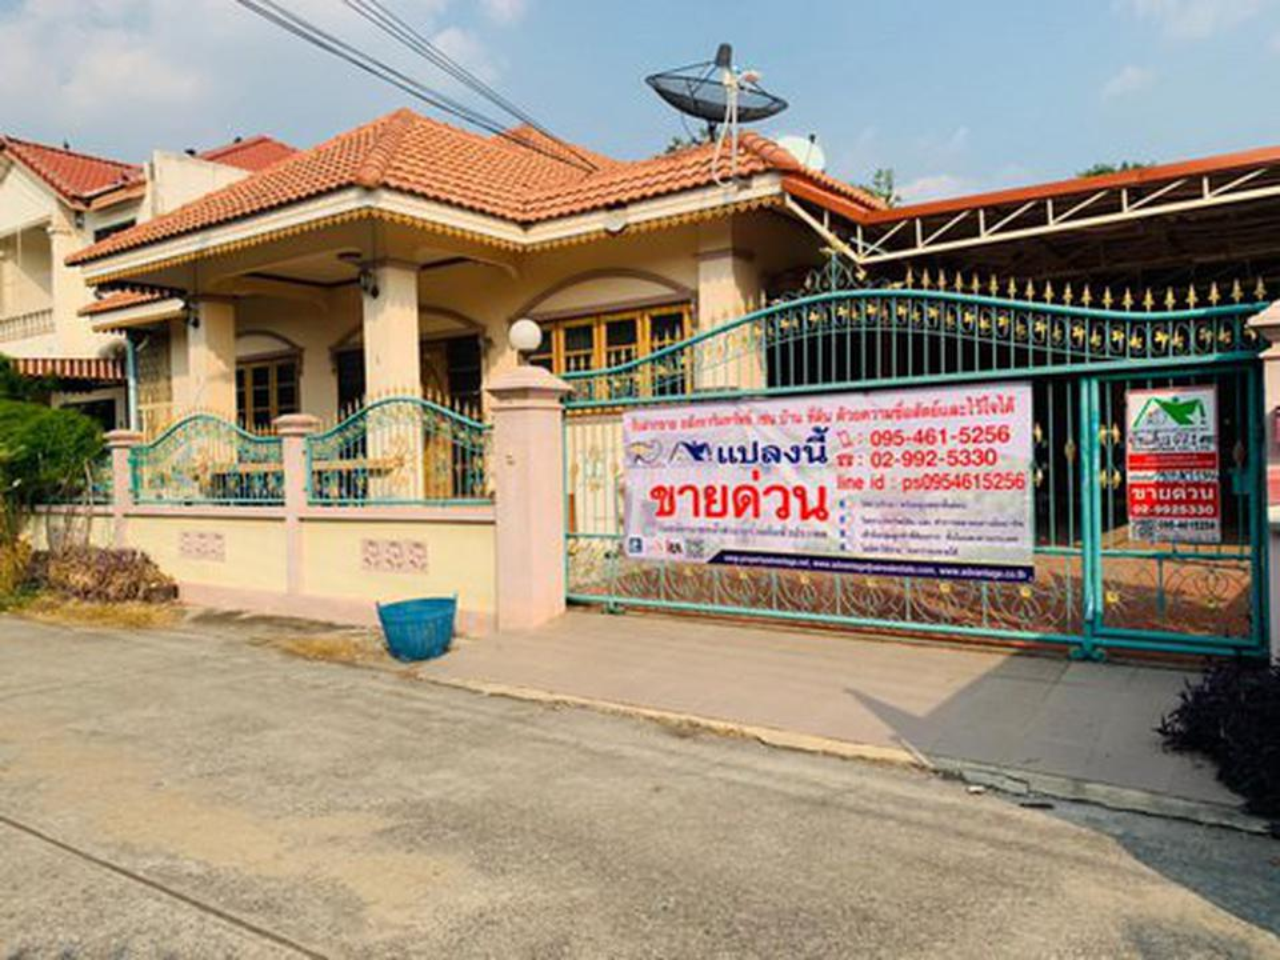 ขายบ้านเดี่ยวชั้นเดียว หมู่บ้านยุคลธร ขนาด 67.1 ตรว หมู่บ้านยุคลธร อ.พระพุทธบาท จ.สระบุรี    รูปที่ 4